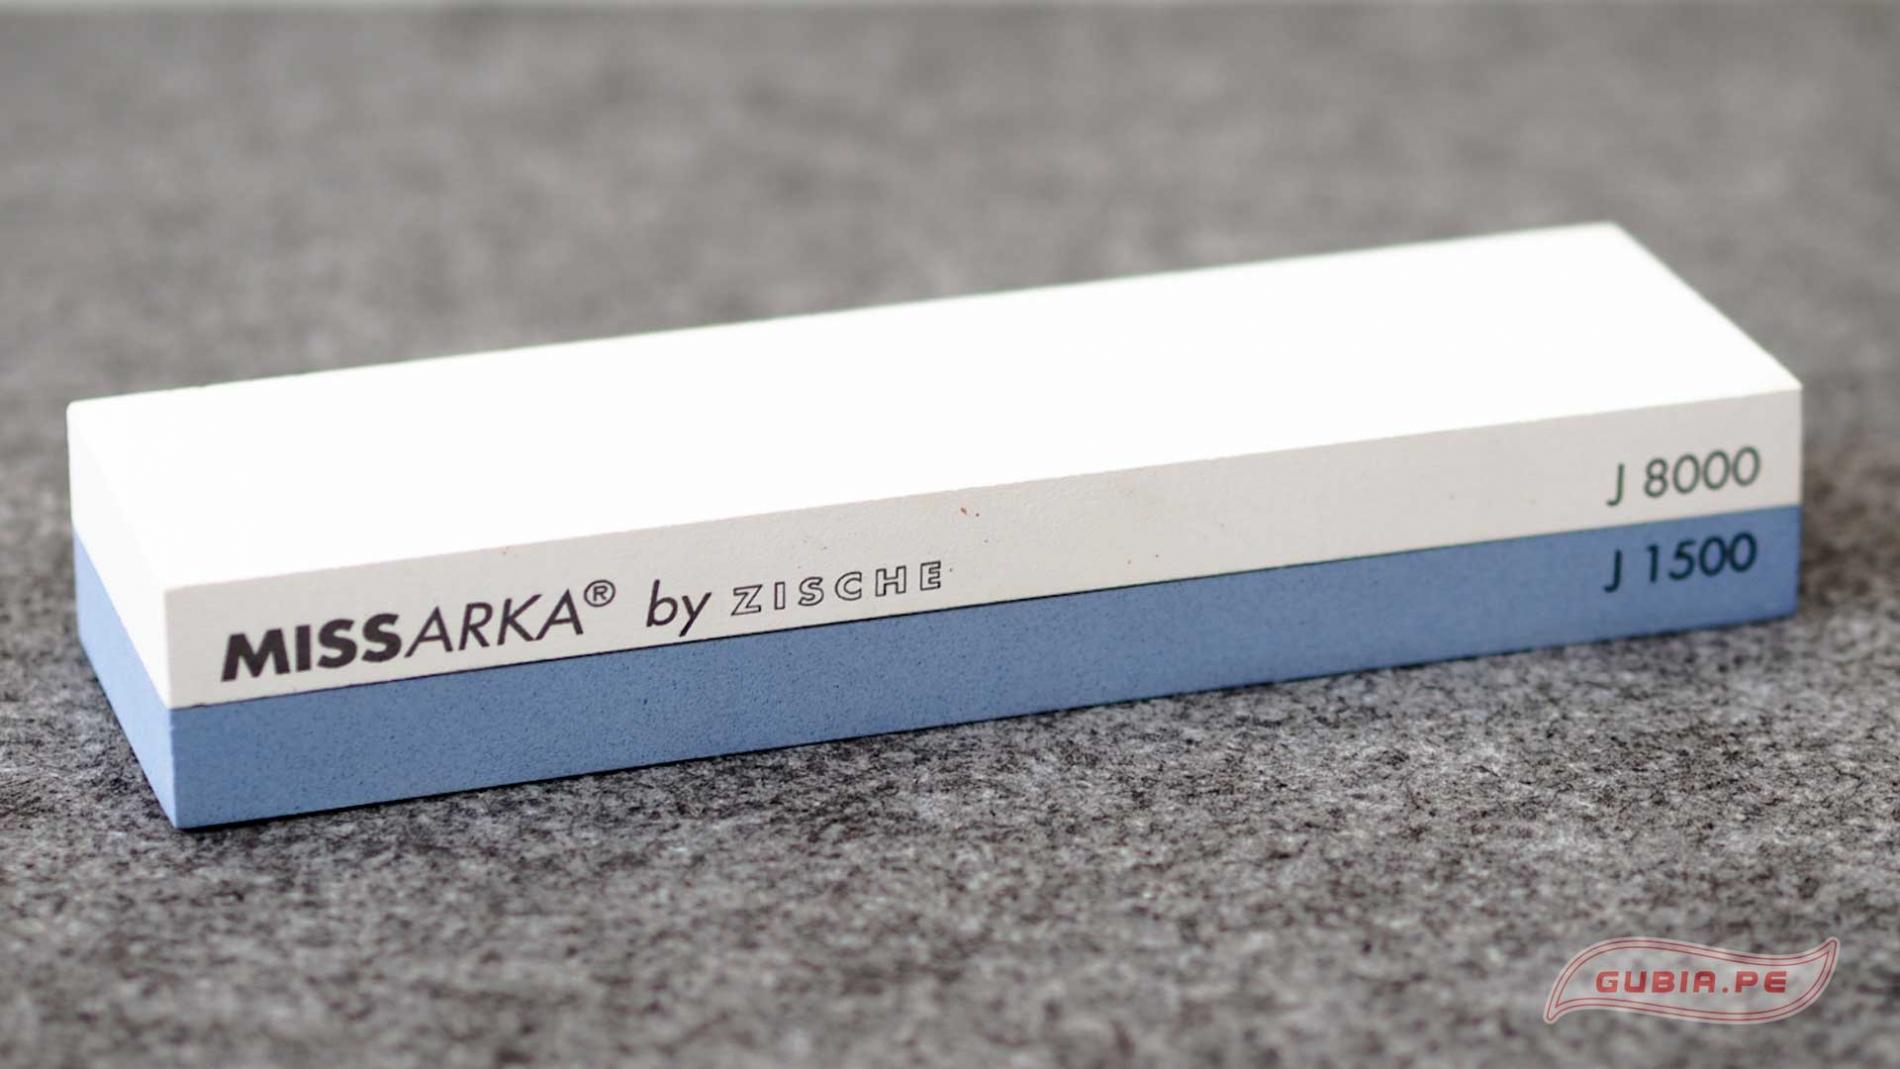 Zische1500/8000-Piedra de afilar 1500/8000 impresionante piedra de calidad MissArka Zische-max-1.